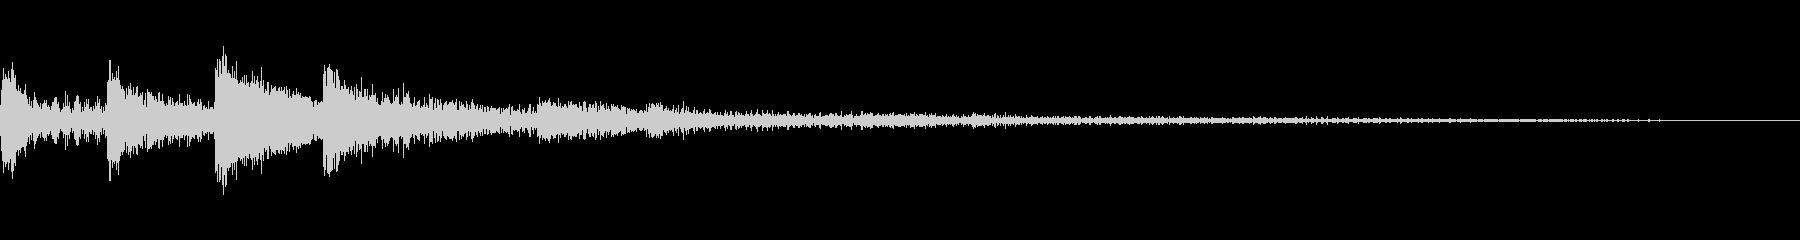 選択・決定音・シンセ2の未再生の波形